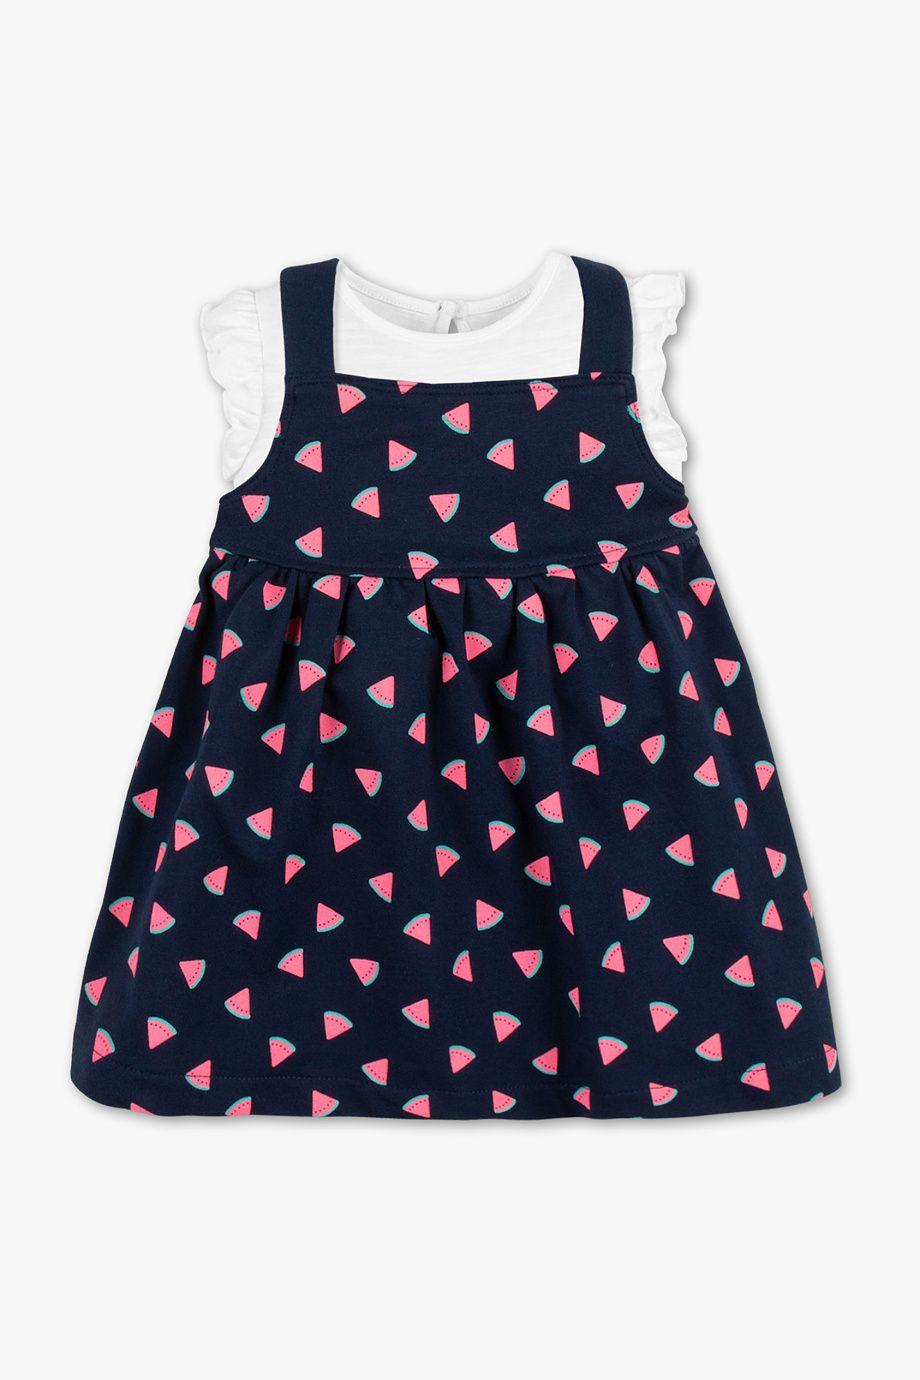 Baby Kleider Set 2 Teilig Kleider Set Madchen Kleidung Outfit